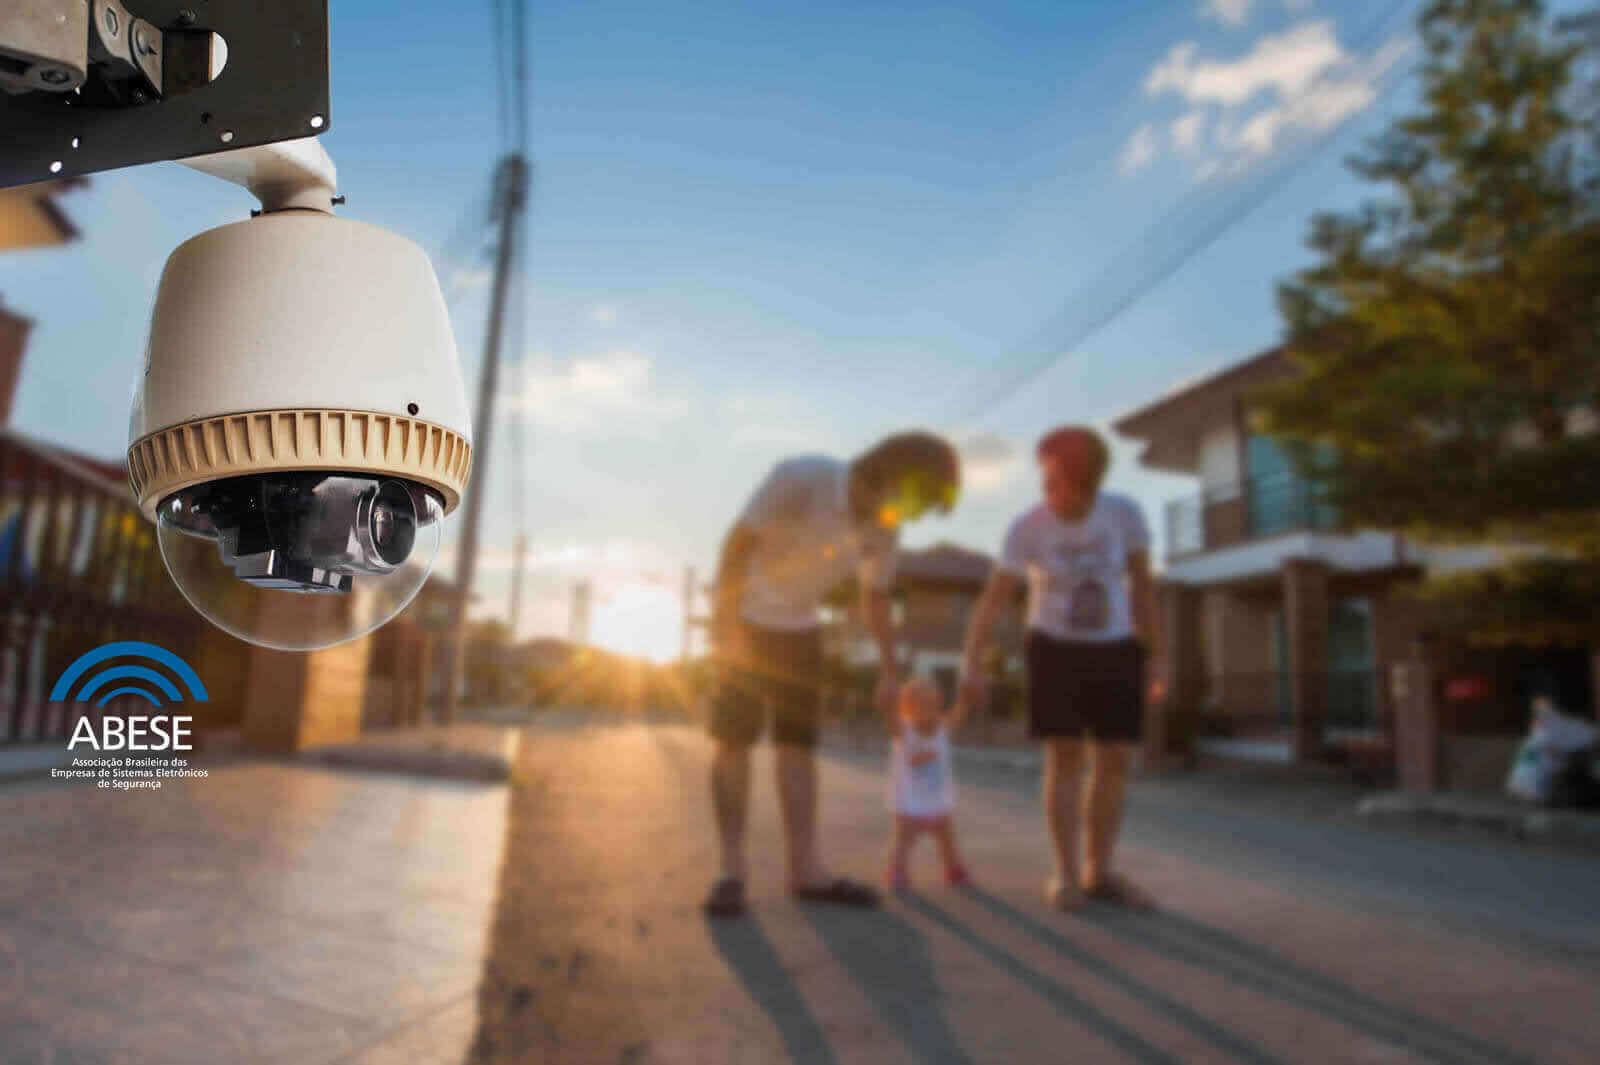 Fundo 1 - Informeservice - Segurança Eletronica no RJ - Instalação, Manutenção e Locação de Câmera de Segurança no RJ